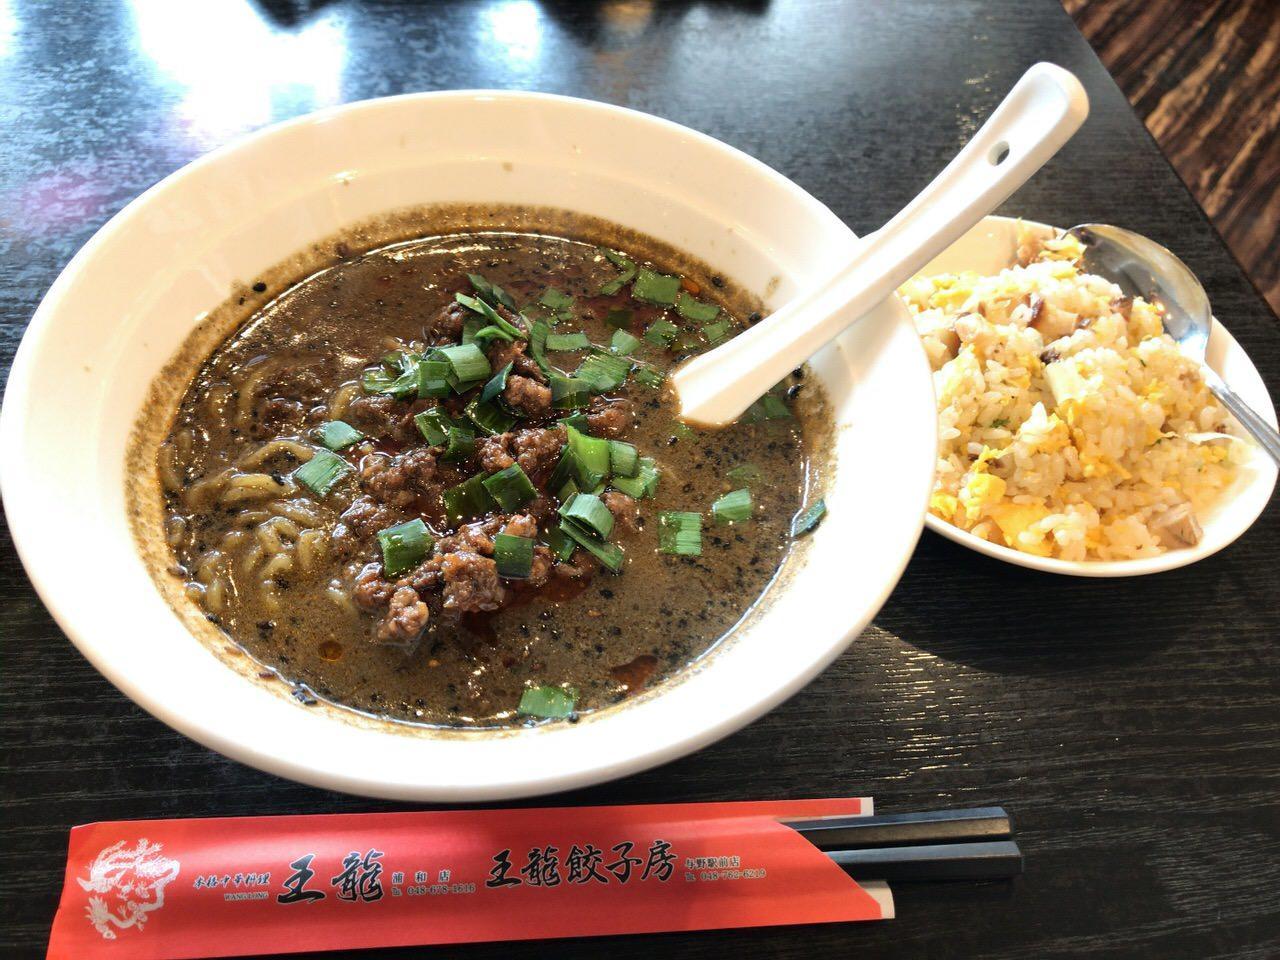 浦和 ランチ 王龍 黒胡麻担々麺のセット